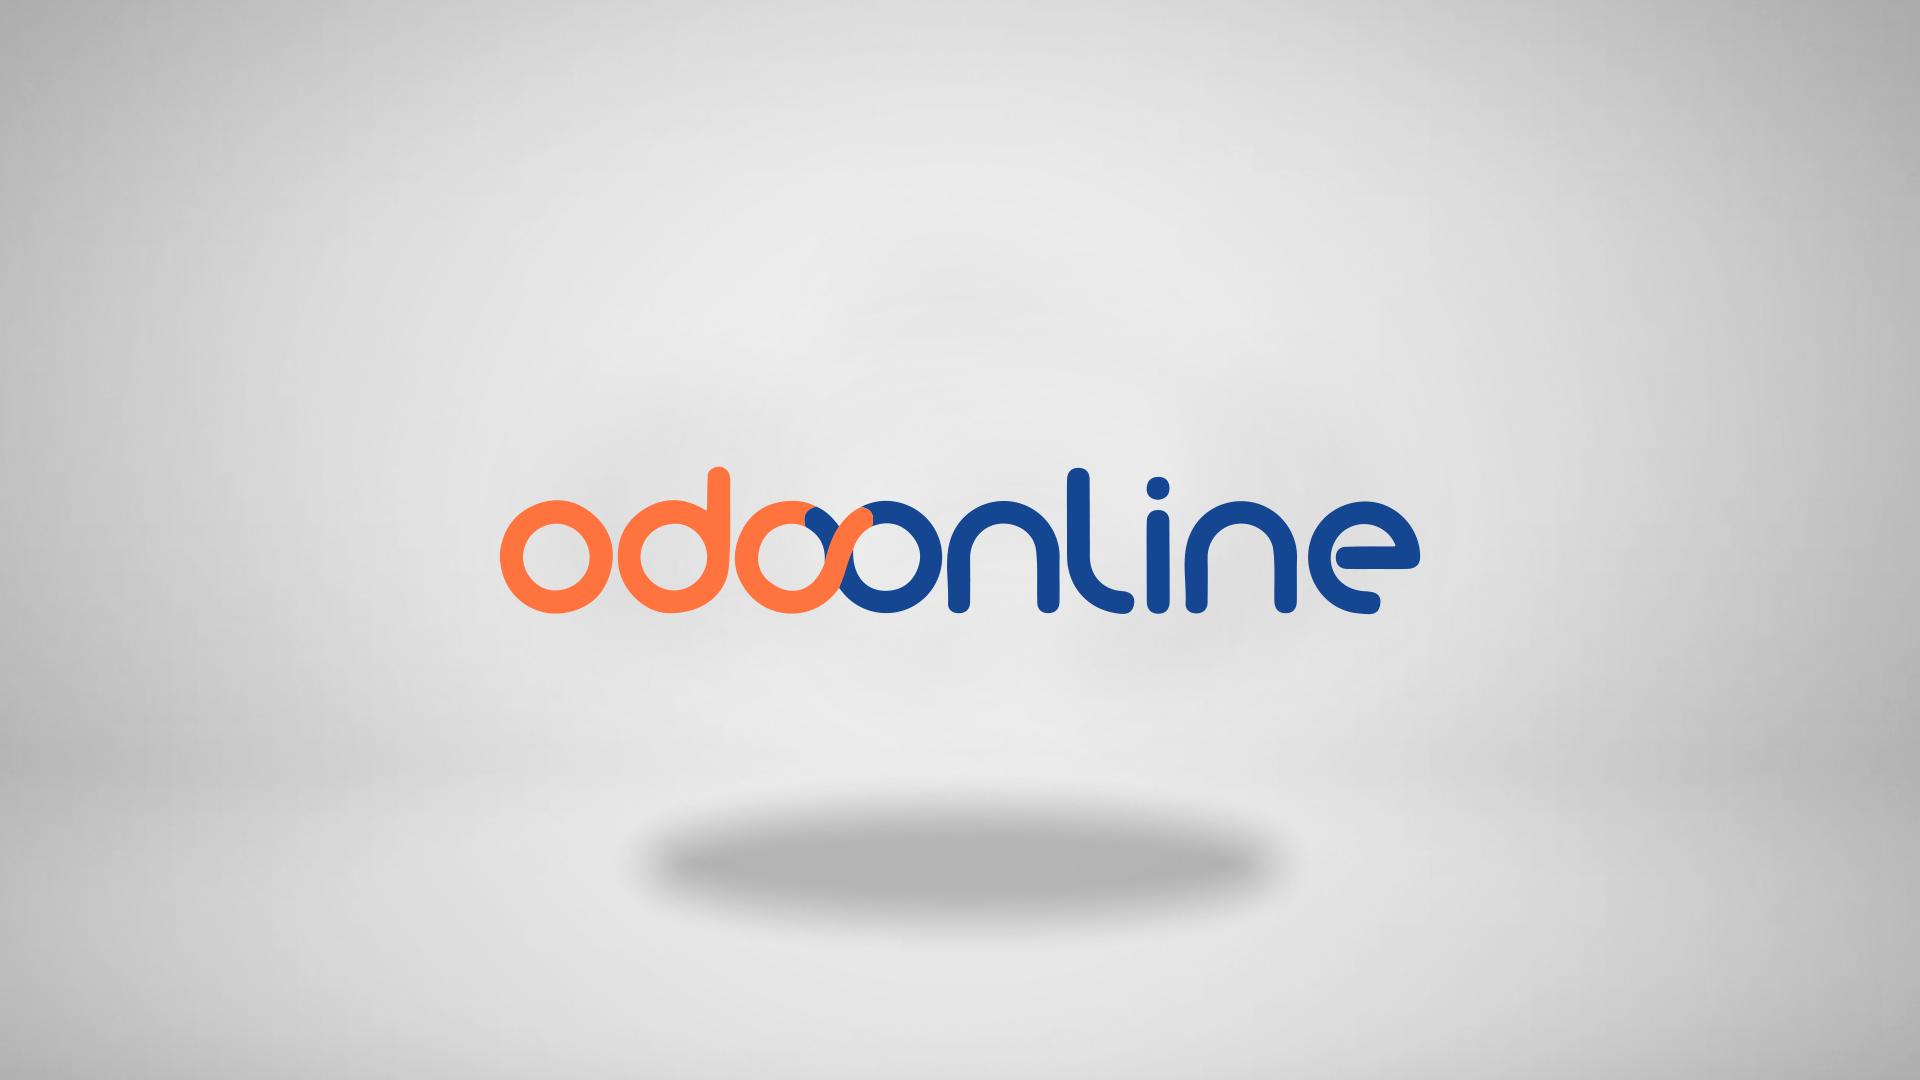 Odoonline